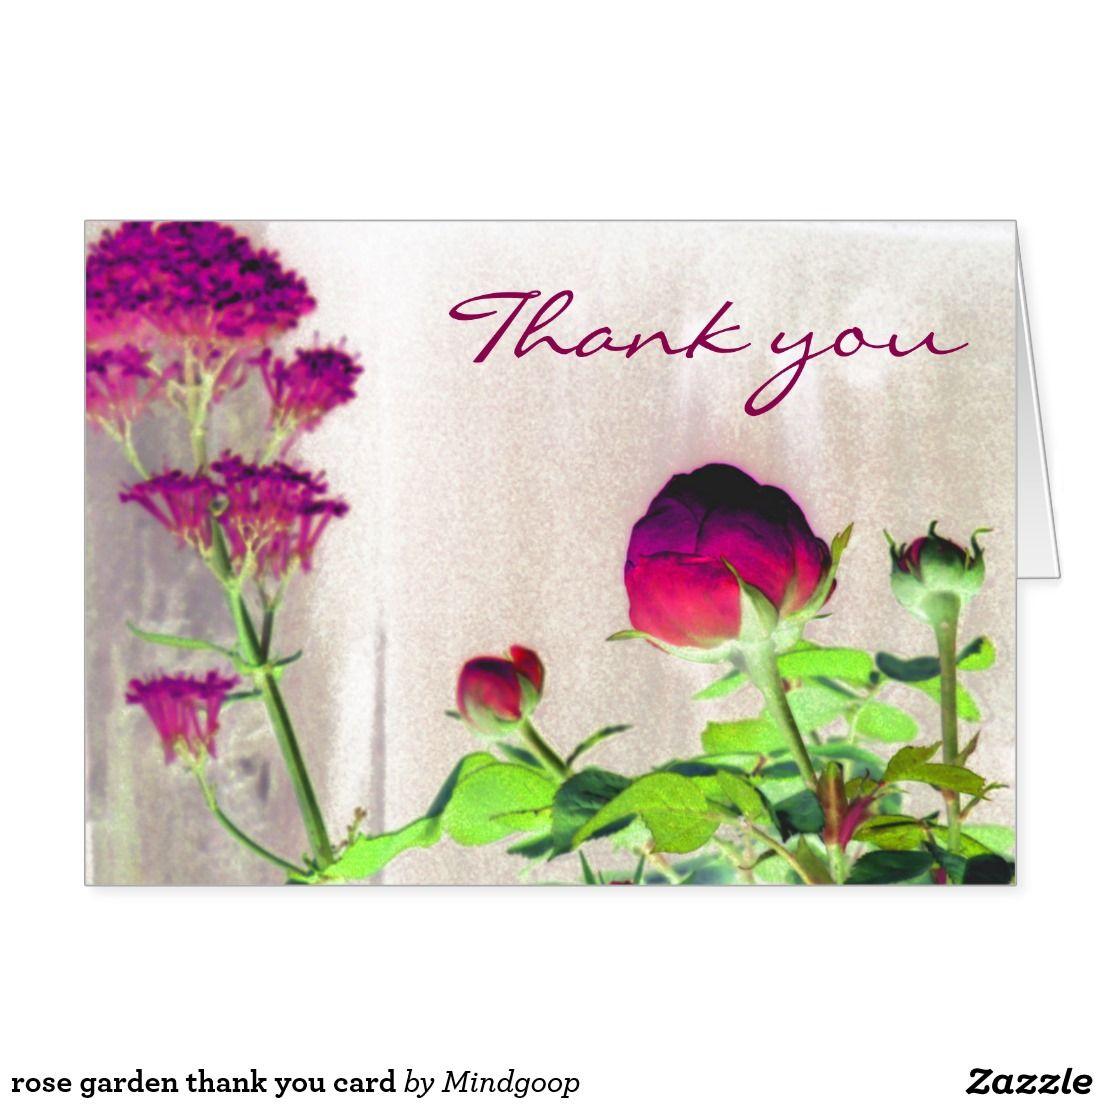 rose garden thank you card